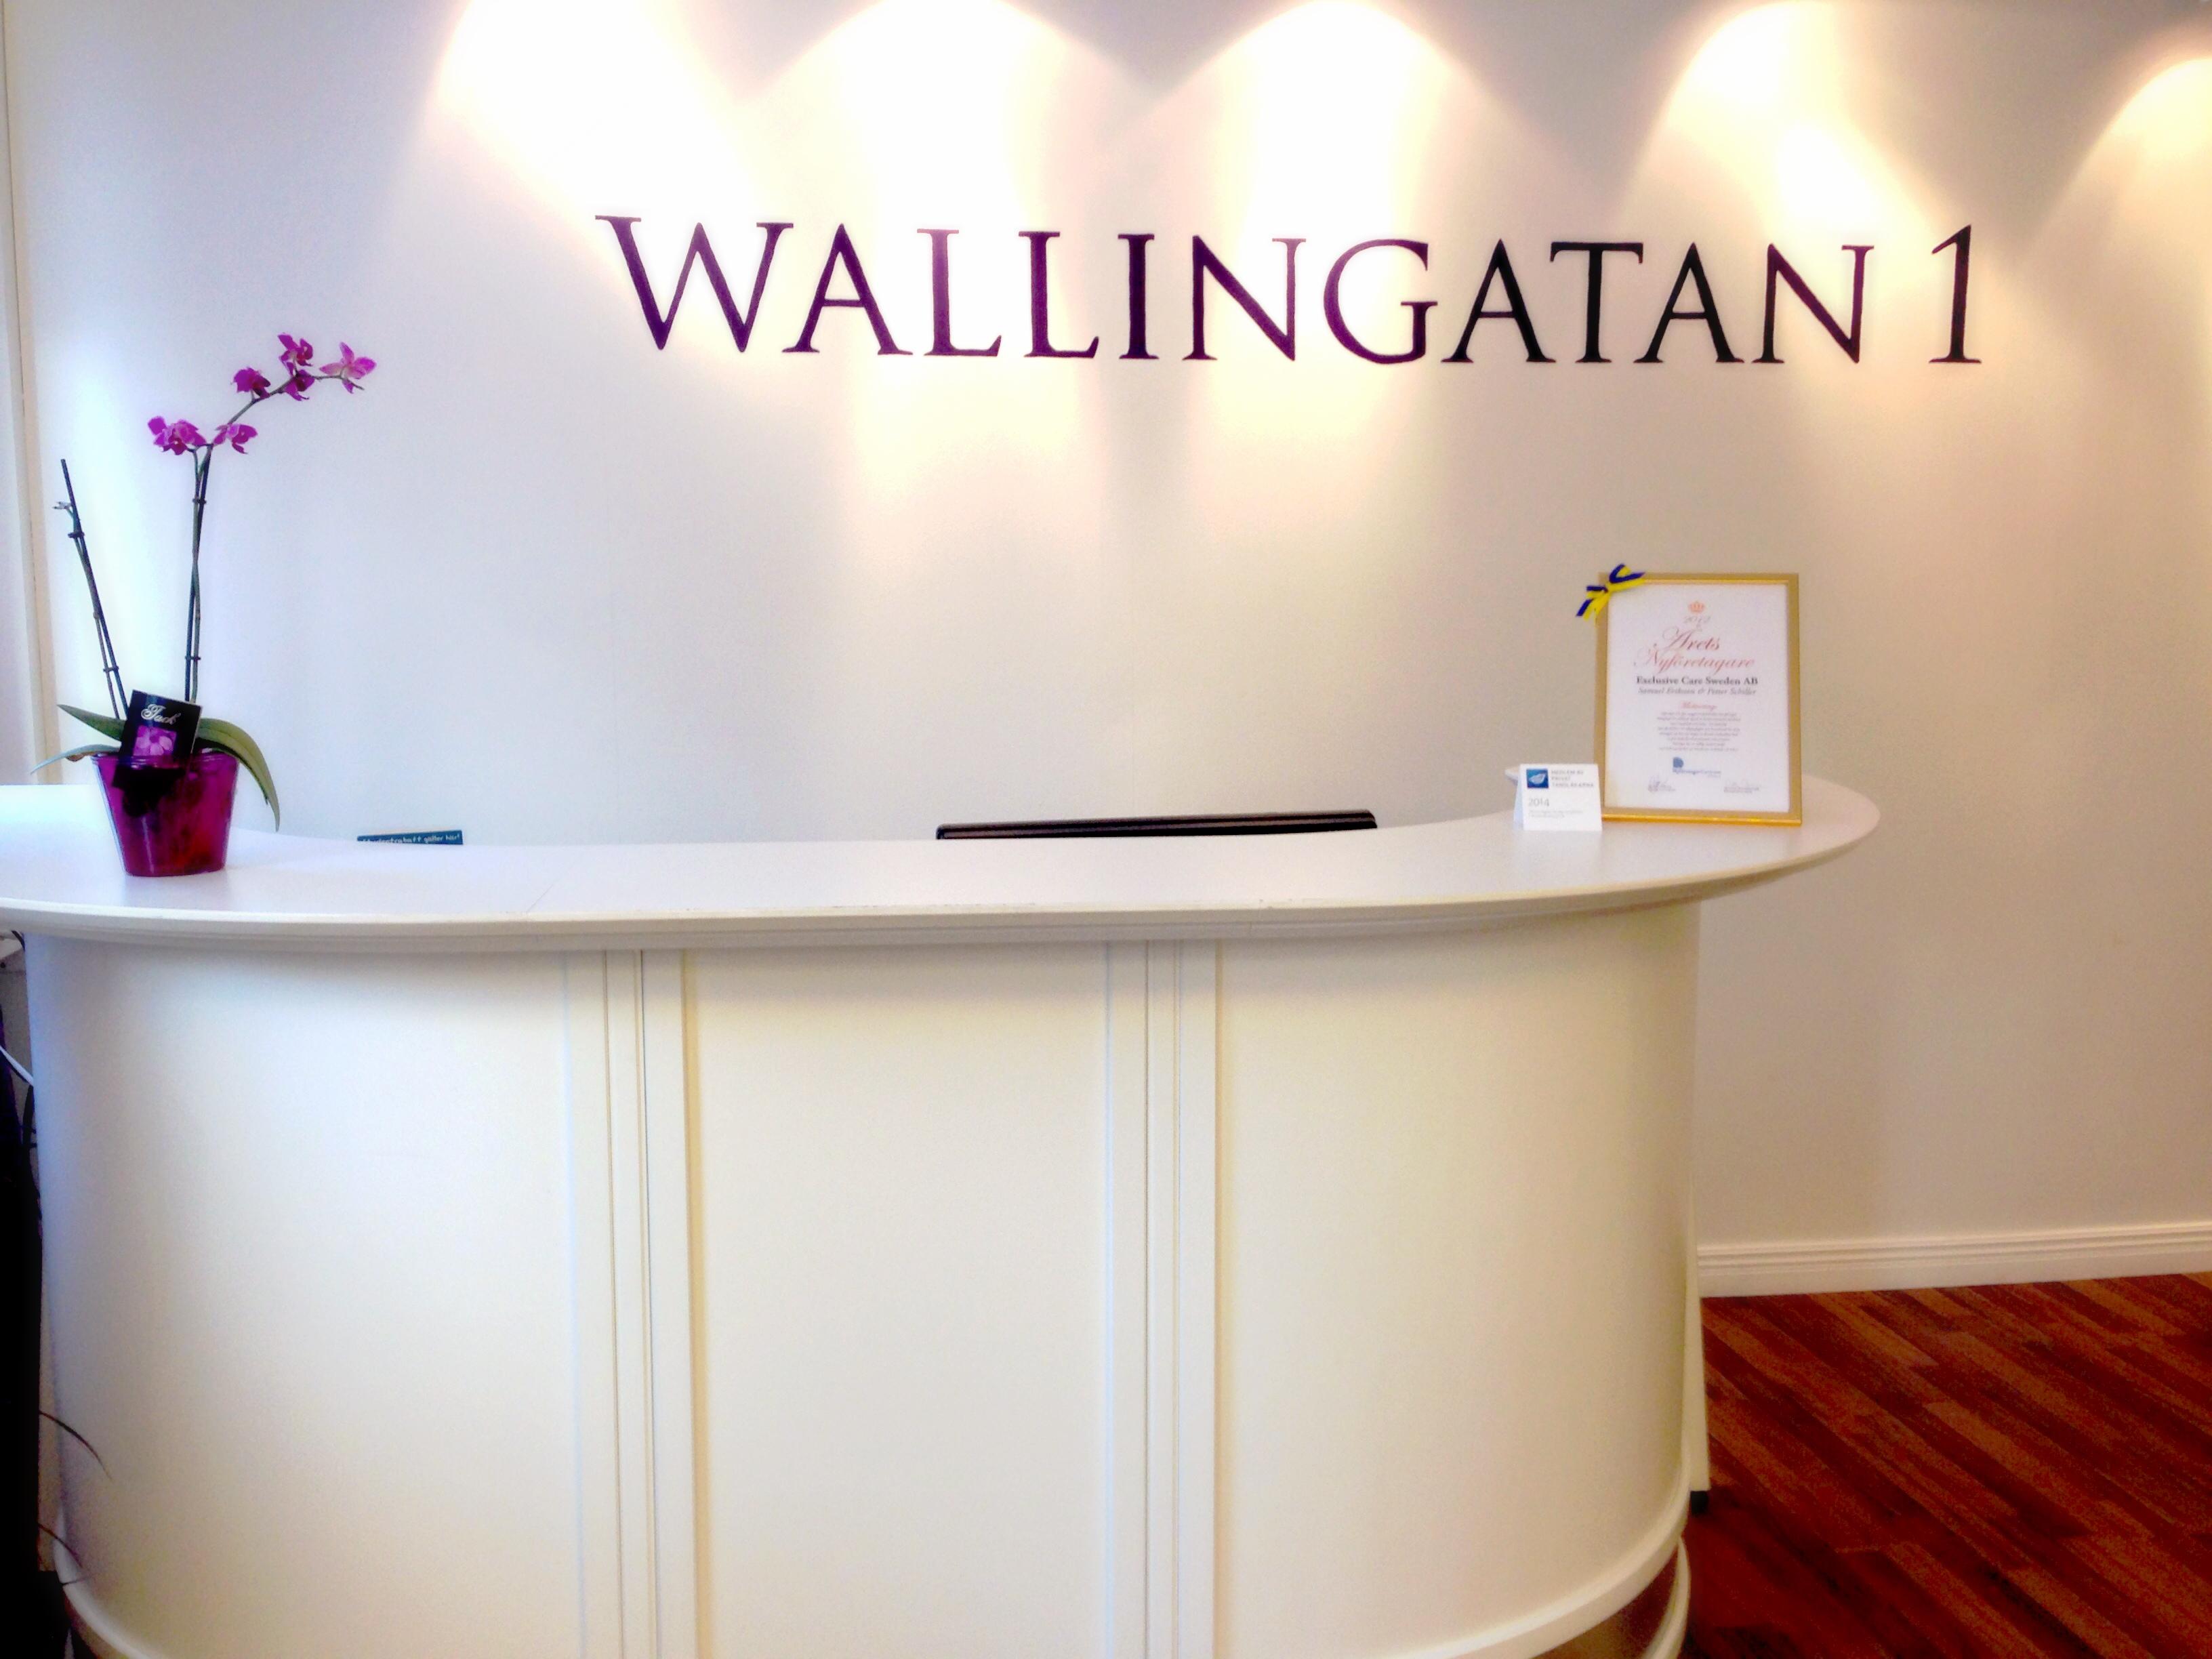 wallingatan 1